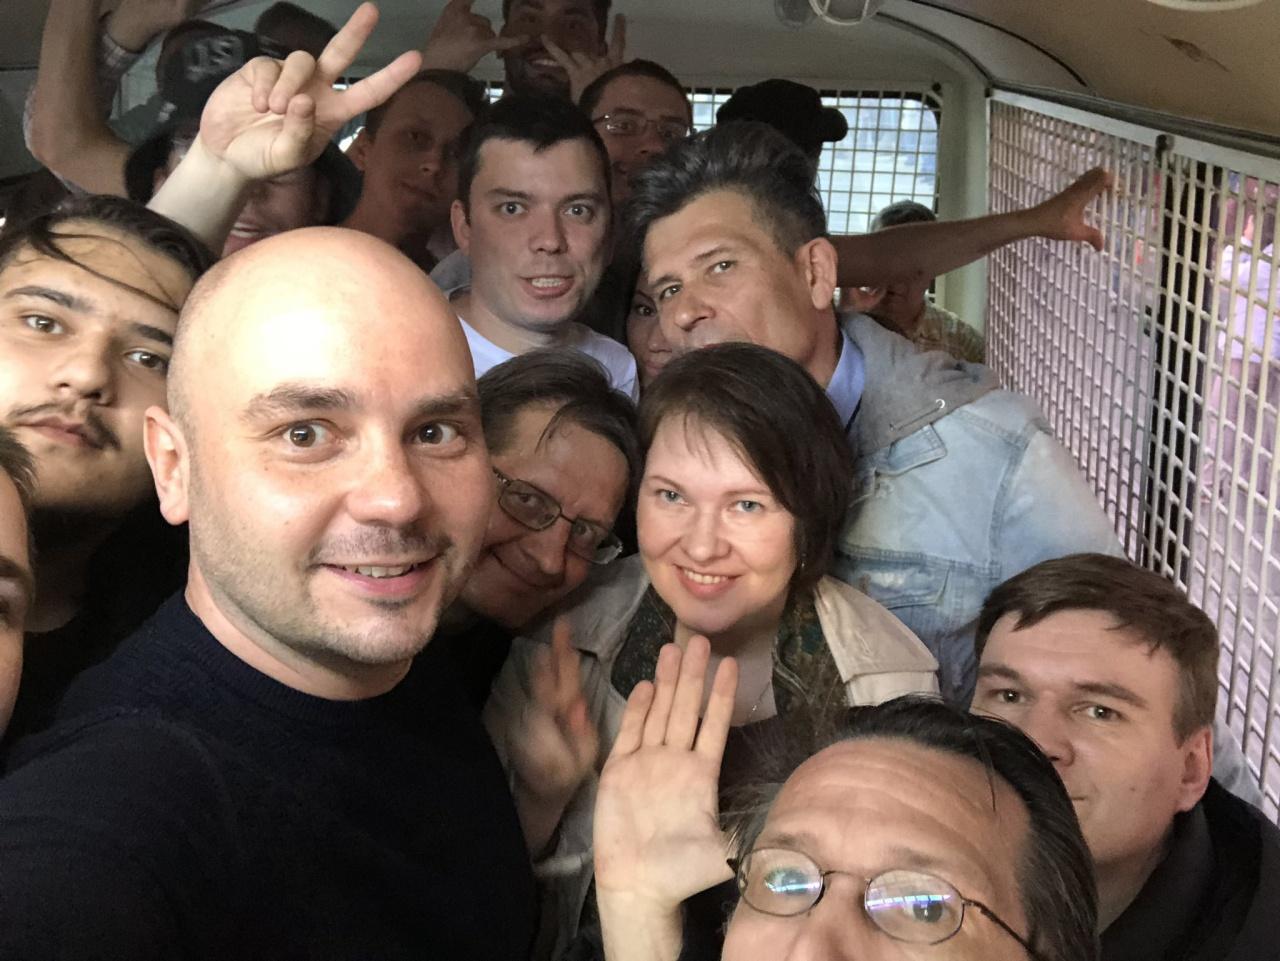 фото ЗакС политика На первомайском шествии в Петербурге задержан Андрей Пивоваров